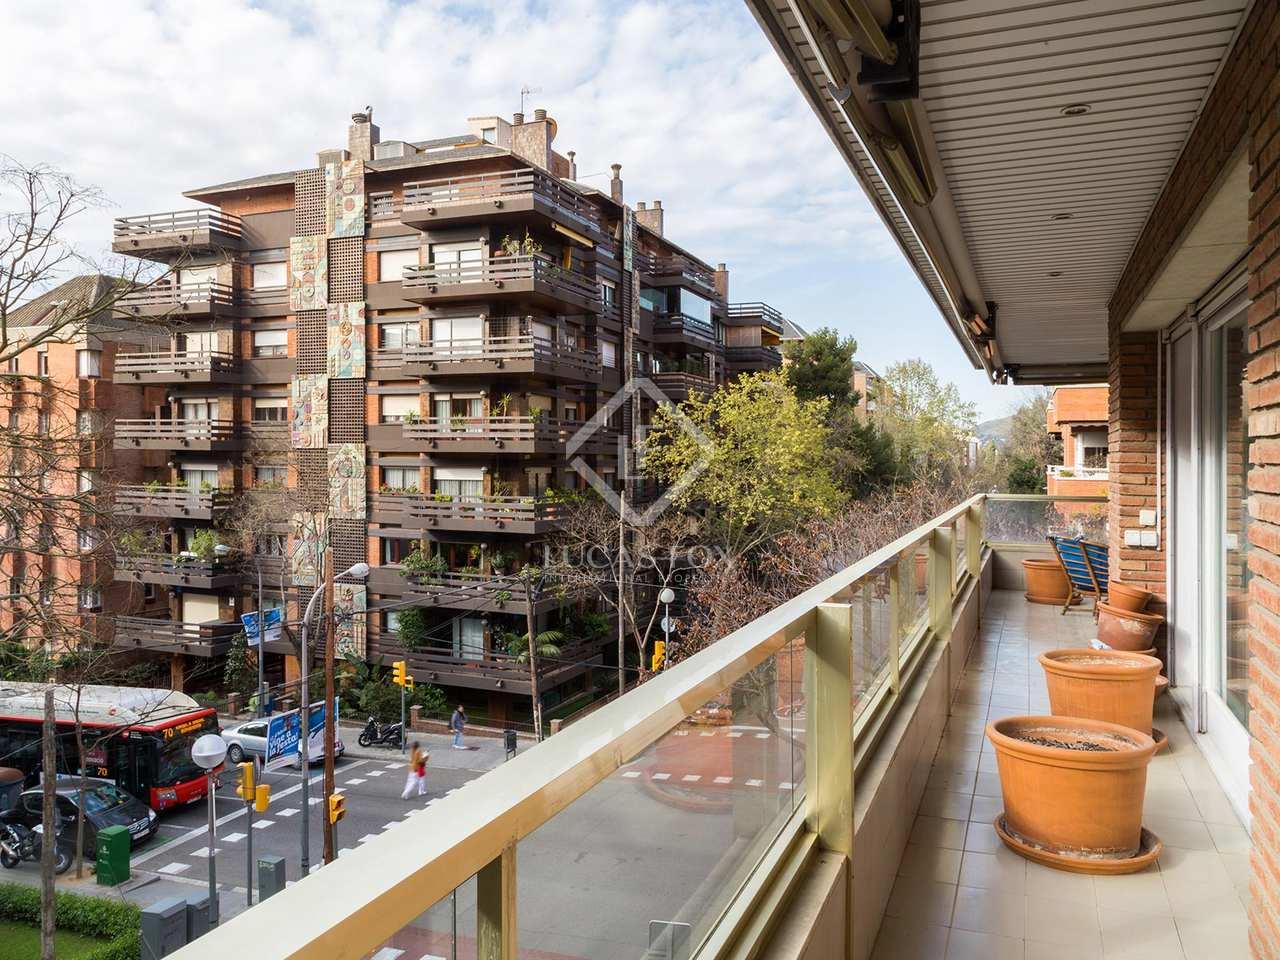 Apartamento de 5 dormitorios en venta en la bonanova - Zona alta barcelona ...